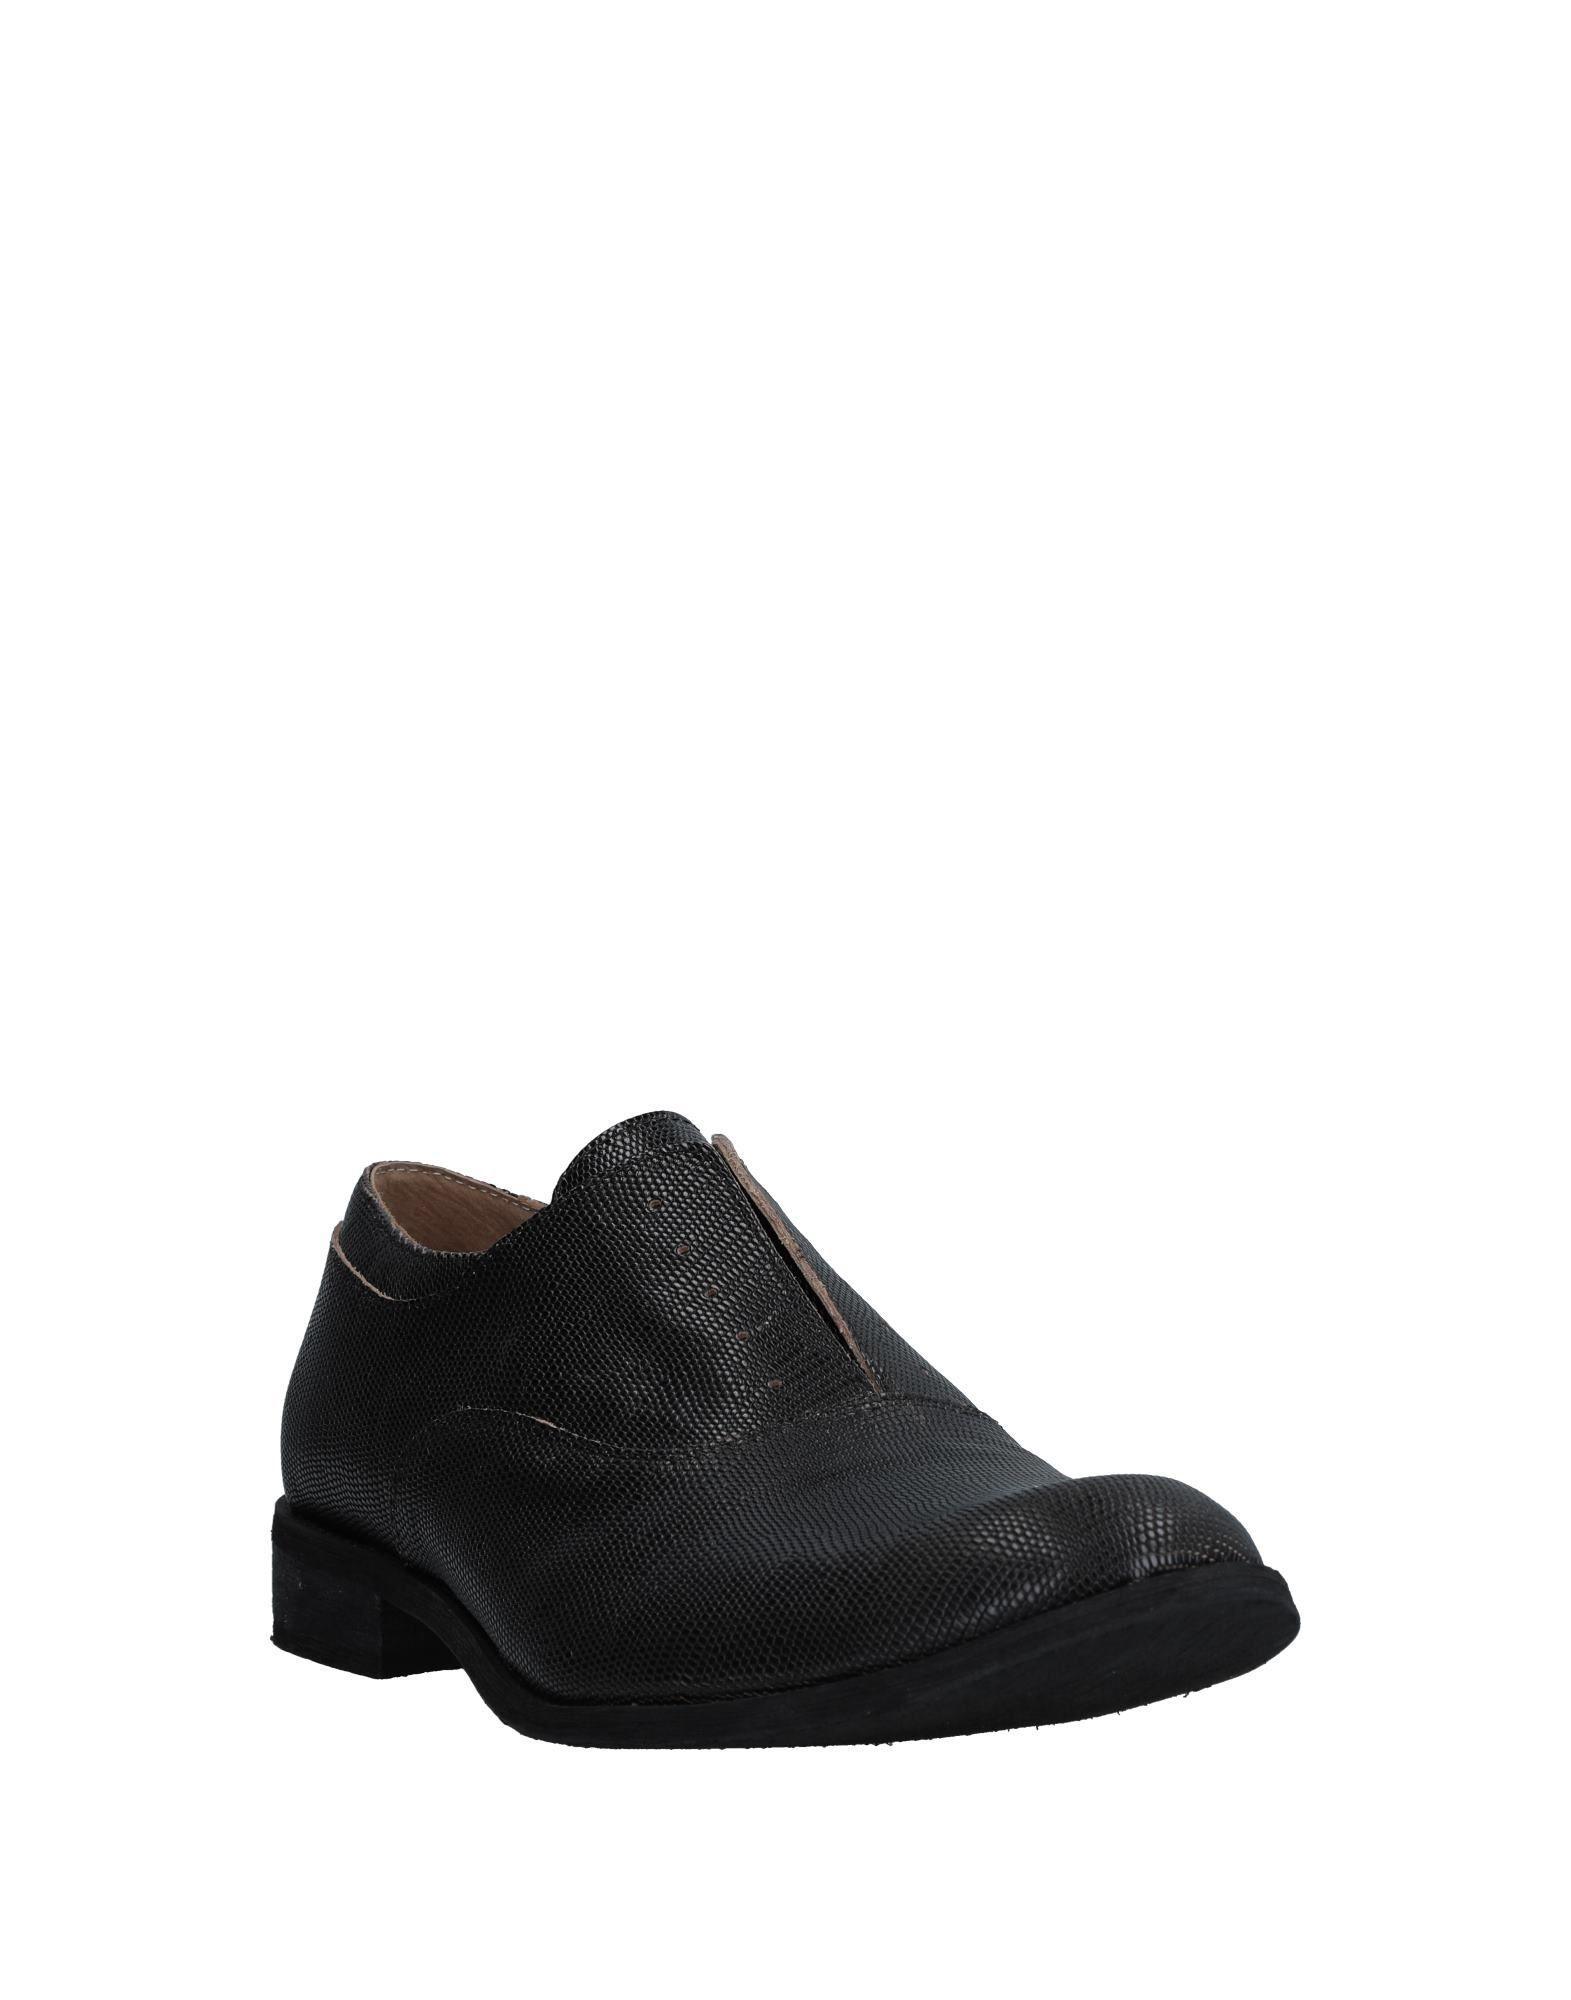 Officina 36 Loafer in Black for Men